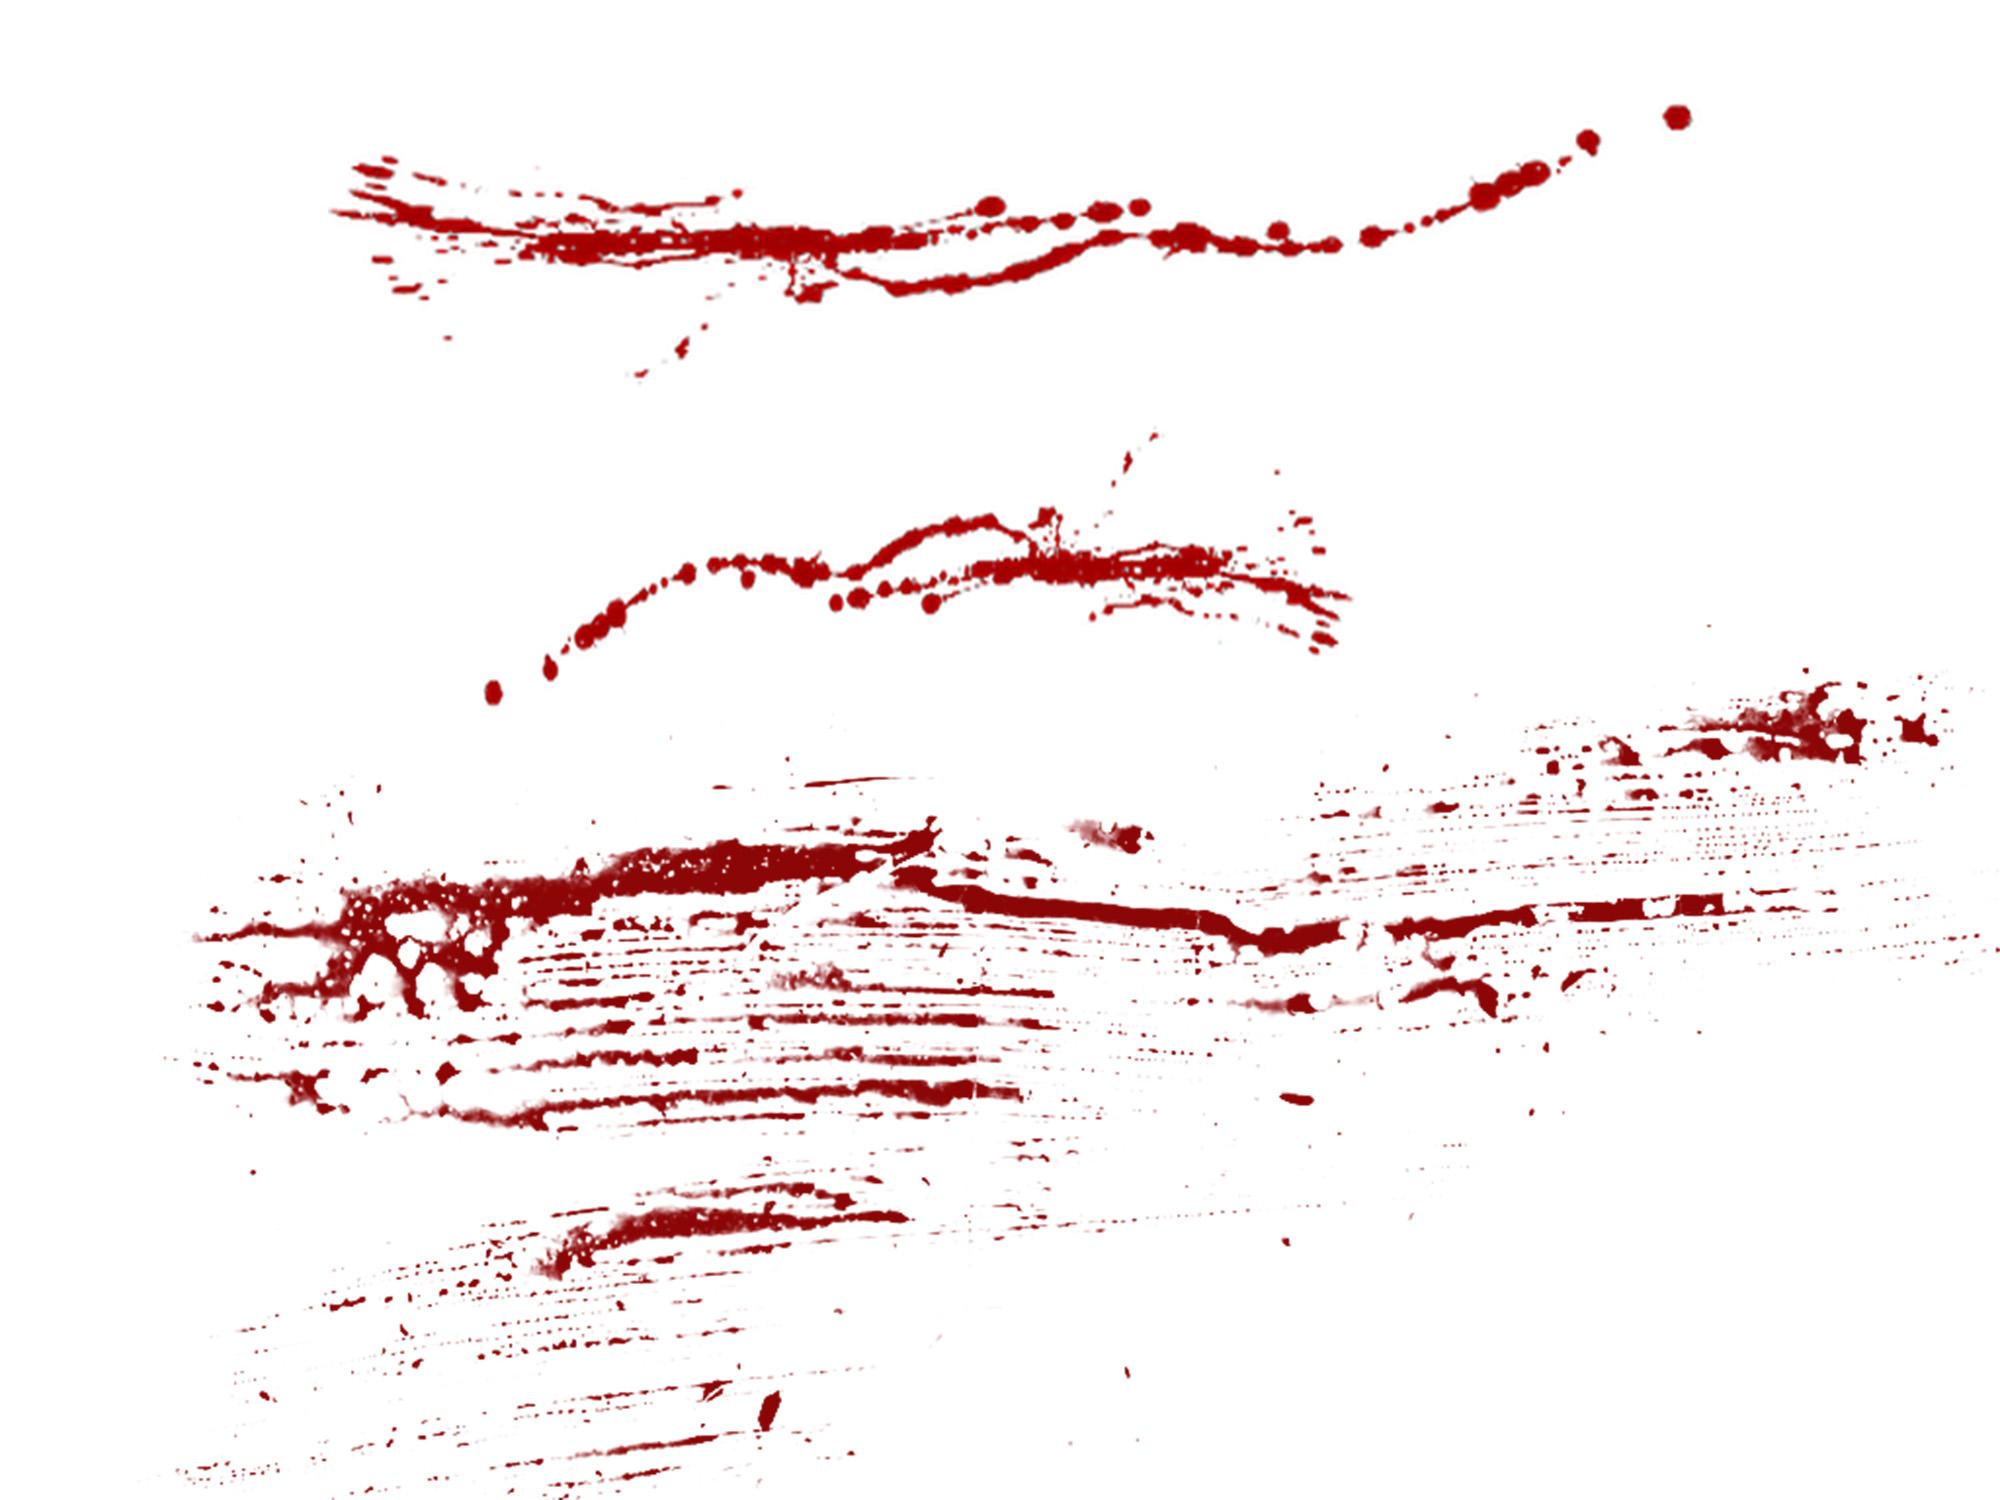 capturly_illustration_of_bad_sign_up_form